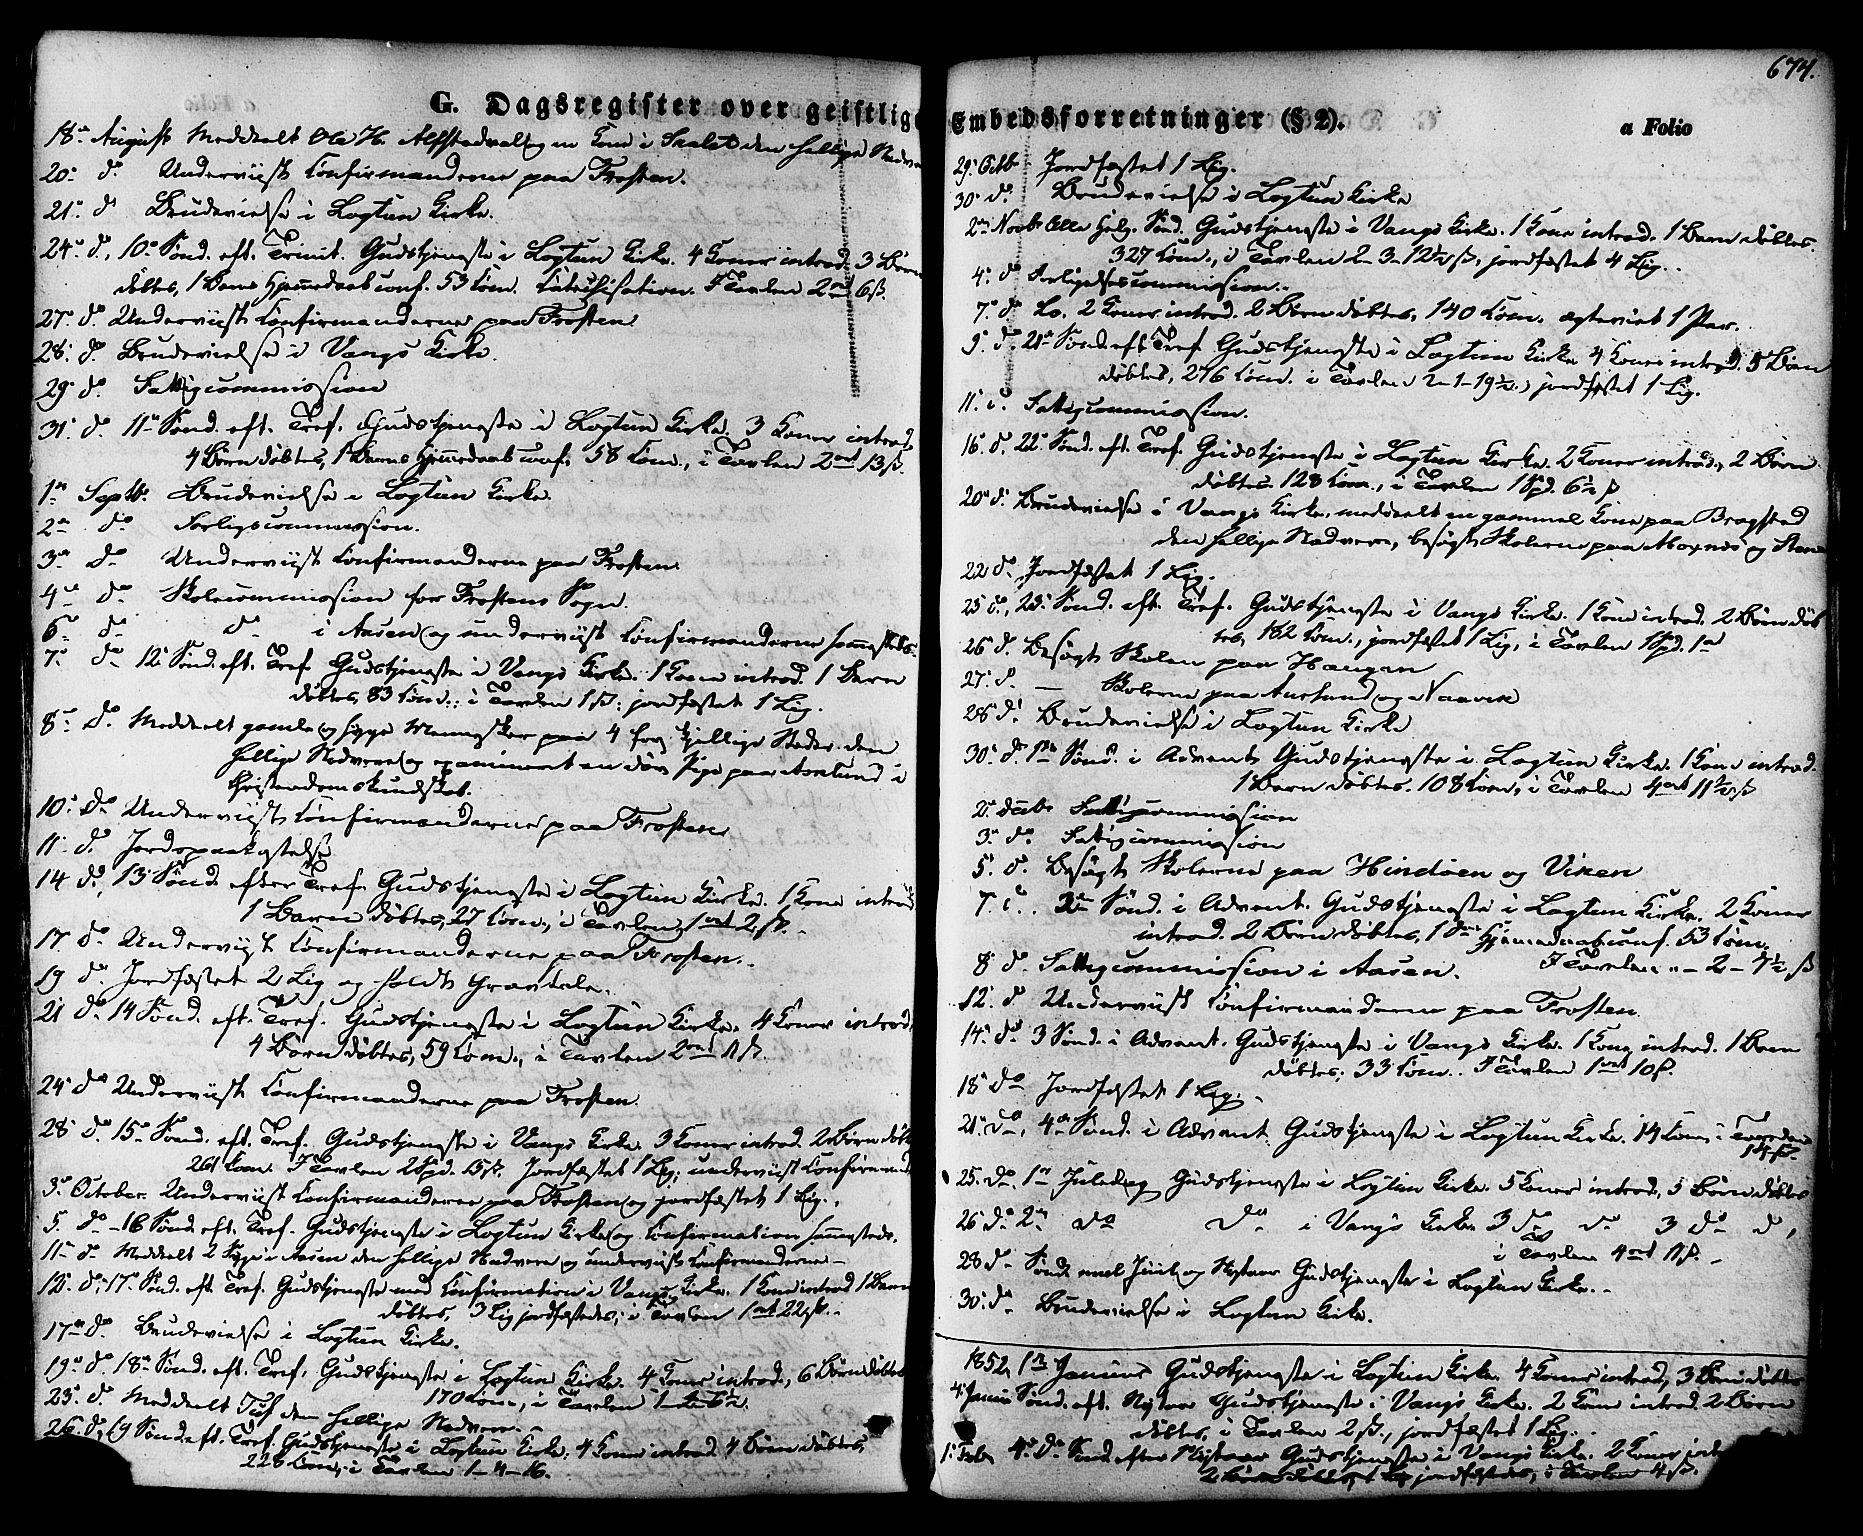 SAT, Ministerialprotokoller, klokkerbøker og fødselsregistre - Nord-Trøndelag, 713/L0116: Ministerialbok nr. 713A07 /1, 1850-1877, s. 674